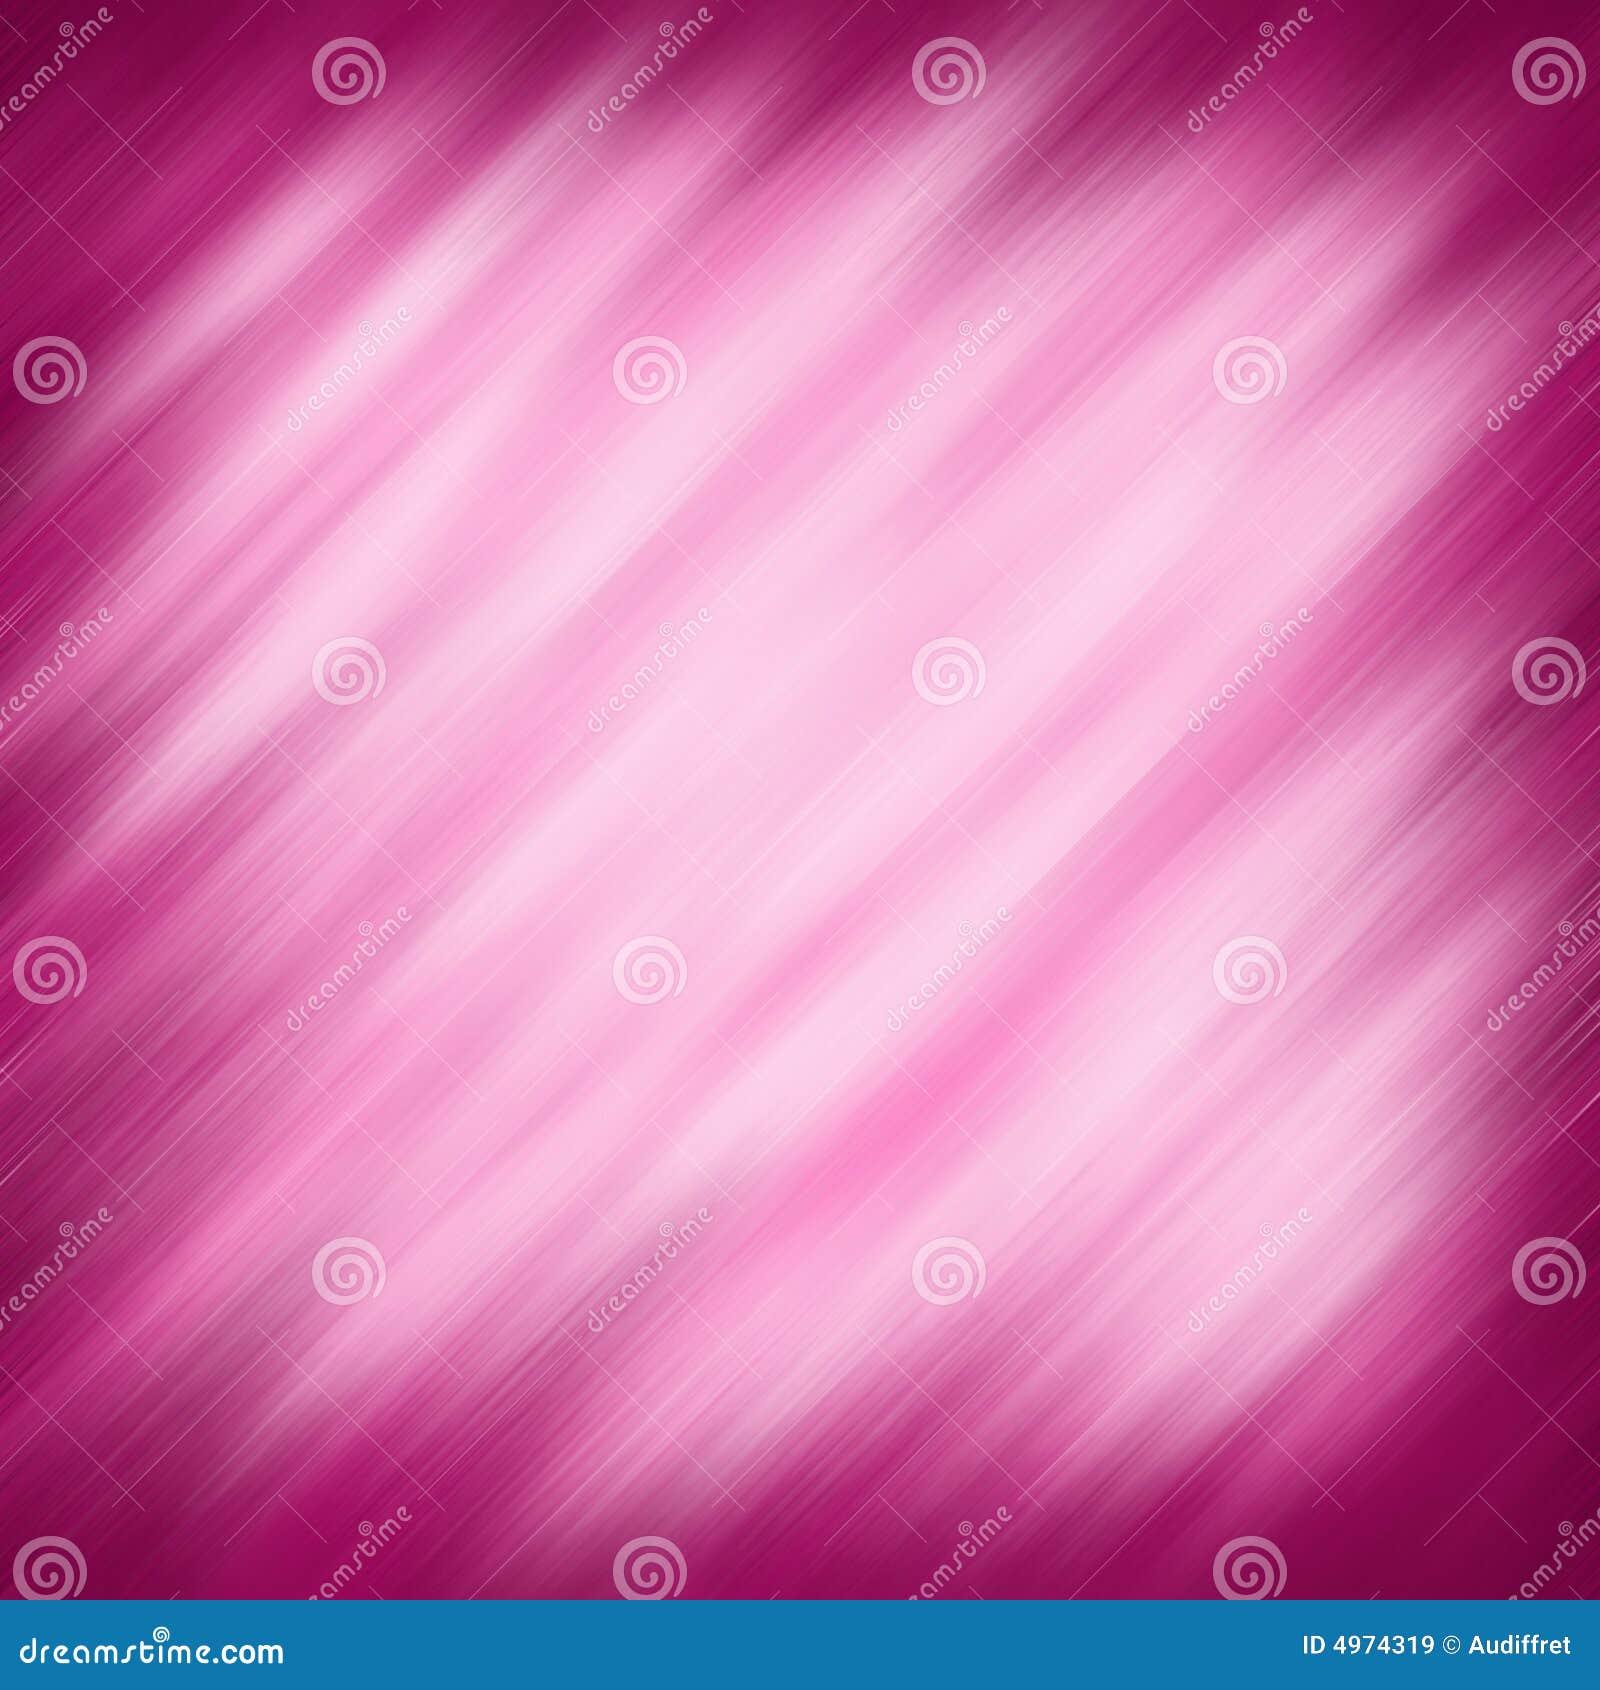 Fondo rojo y rosado